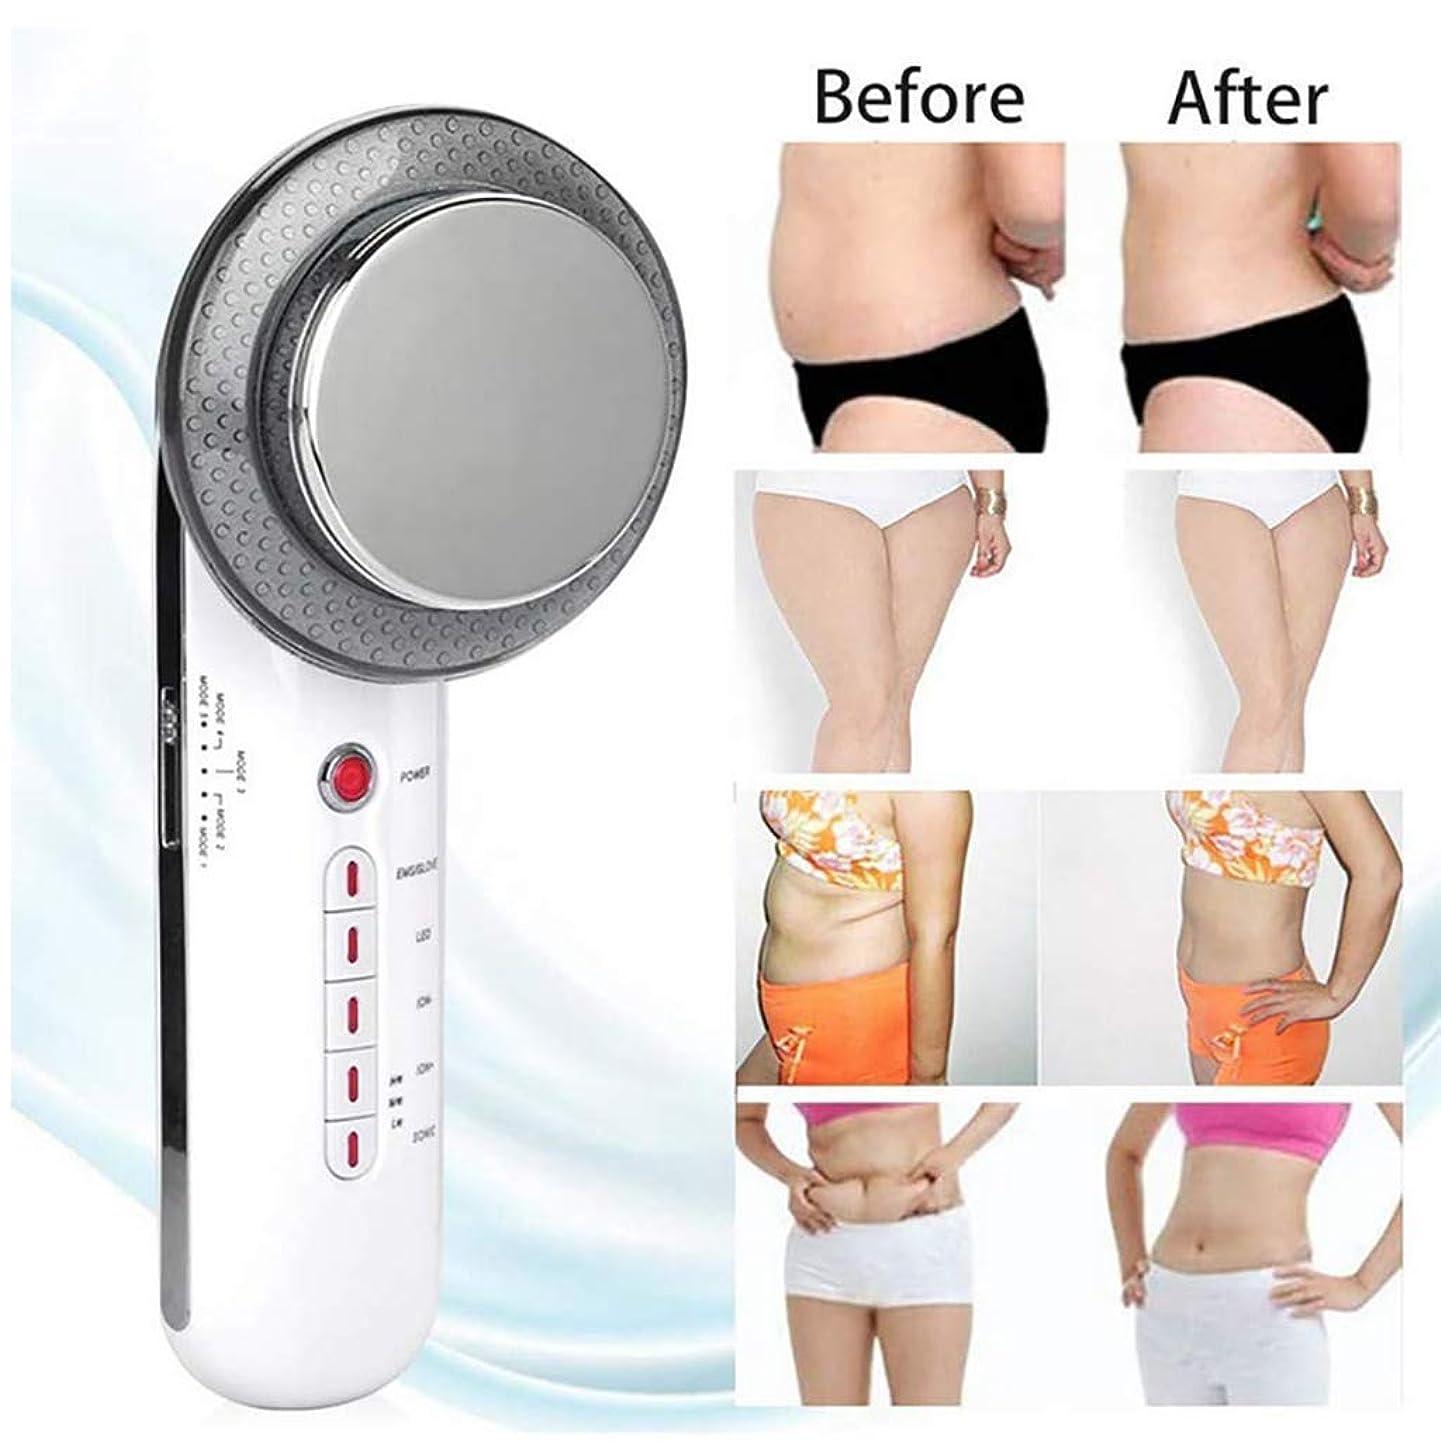 疑いセンチメートル影響力のあるボディスリミングマッサージ器、6-in-1ブルーレッドライトEMSチリオメーターフェイシャルビューティーボディシェイプマッサージ セルライト除去脂肪軽減、肌引き締め